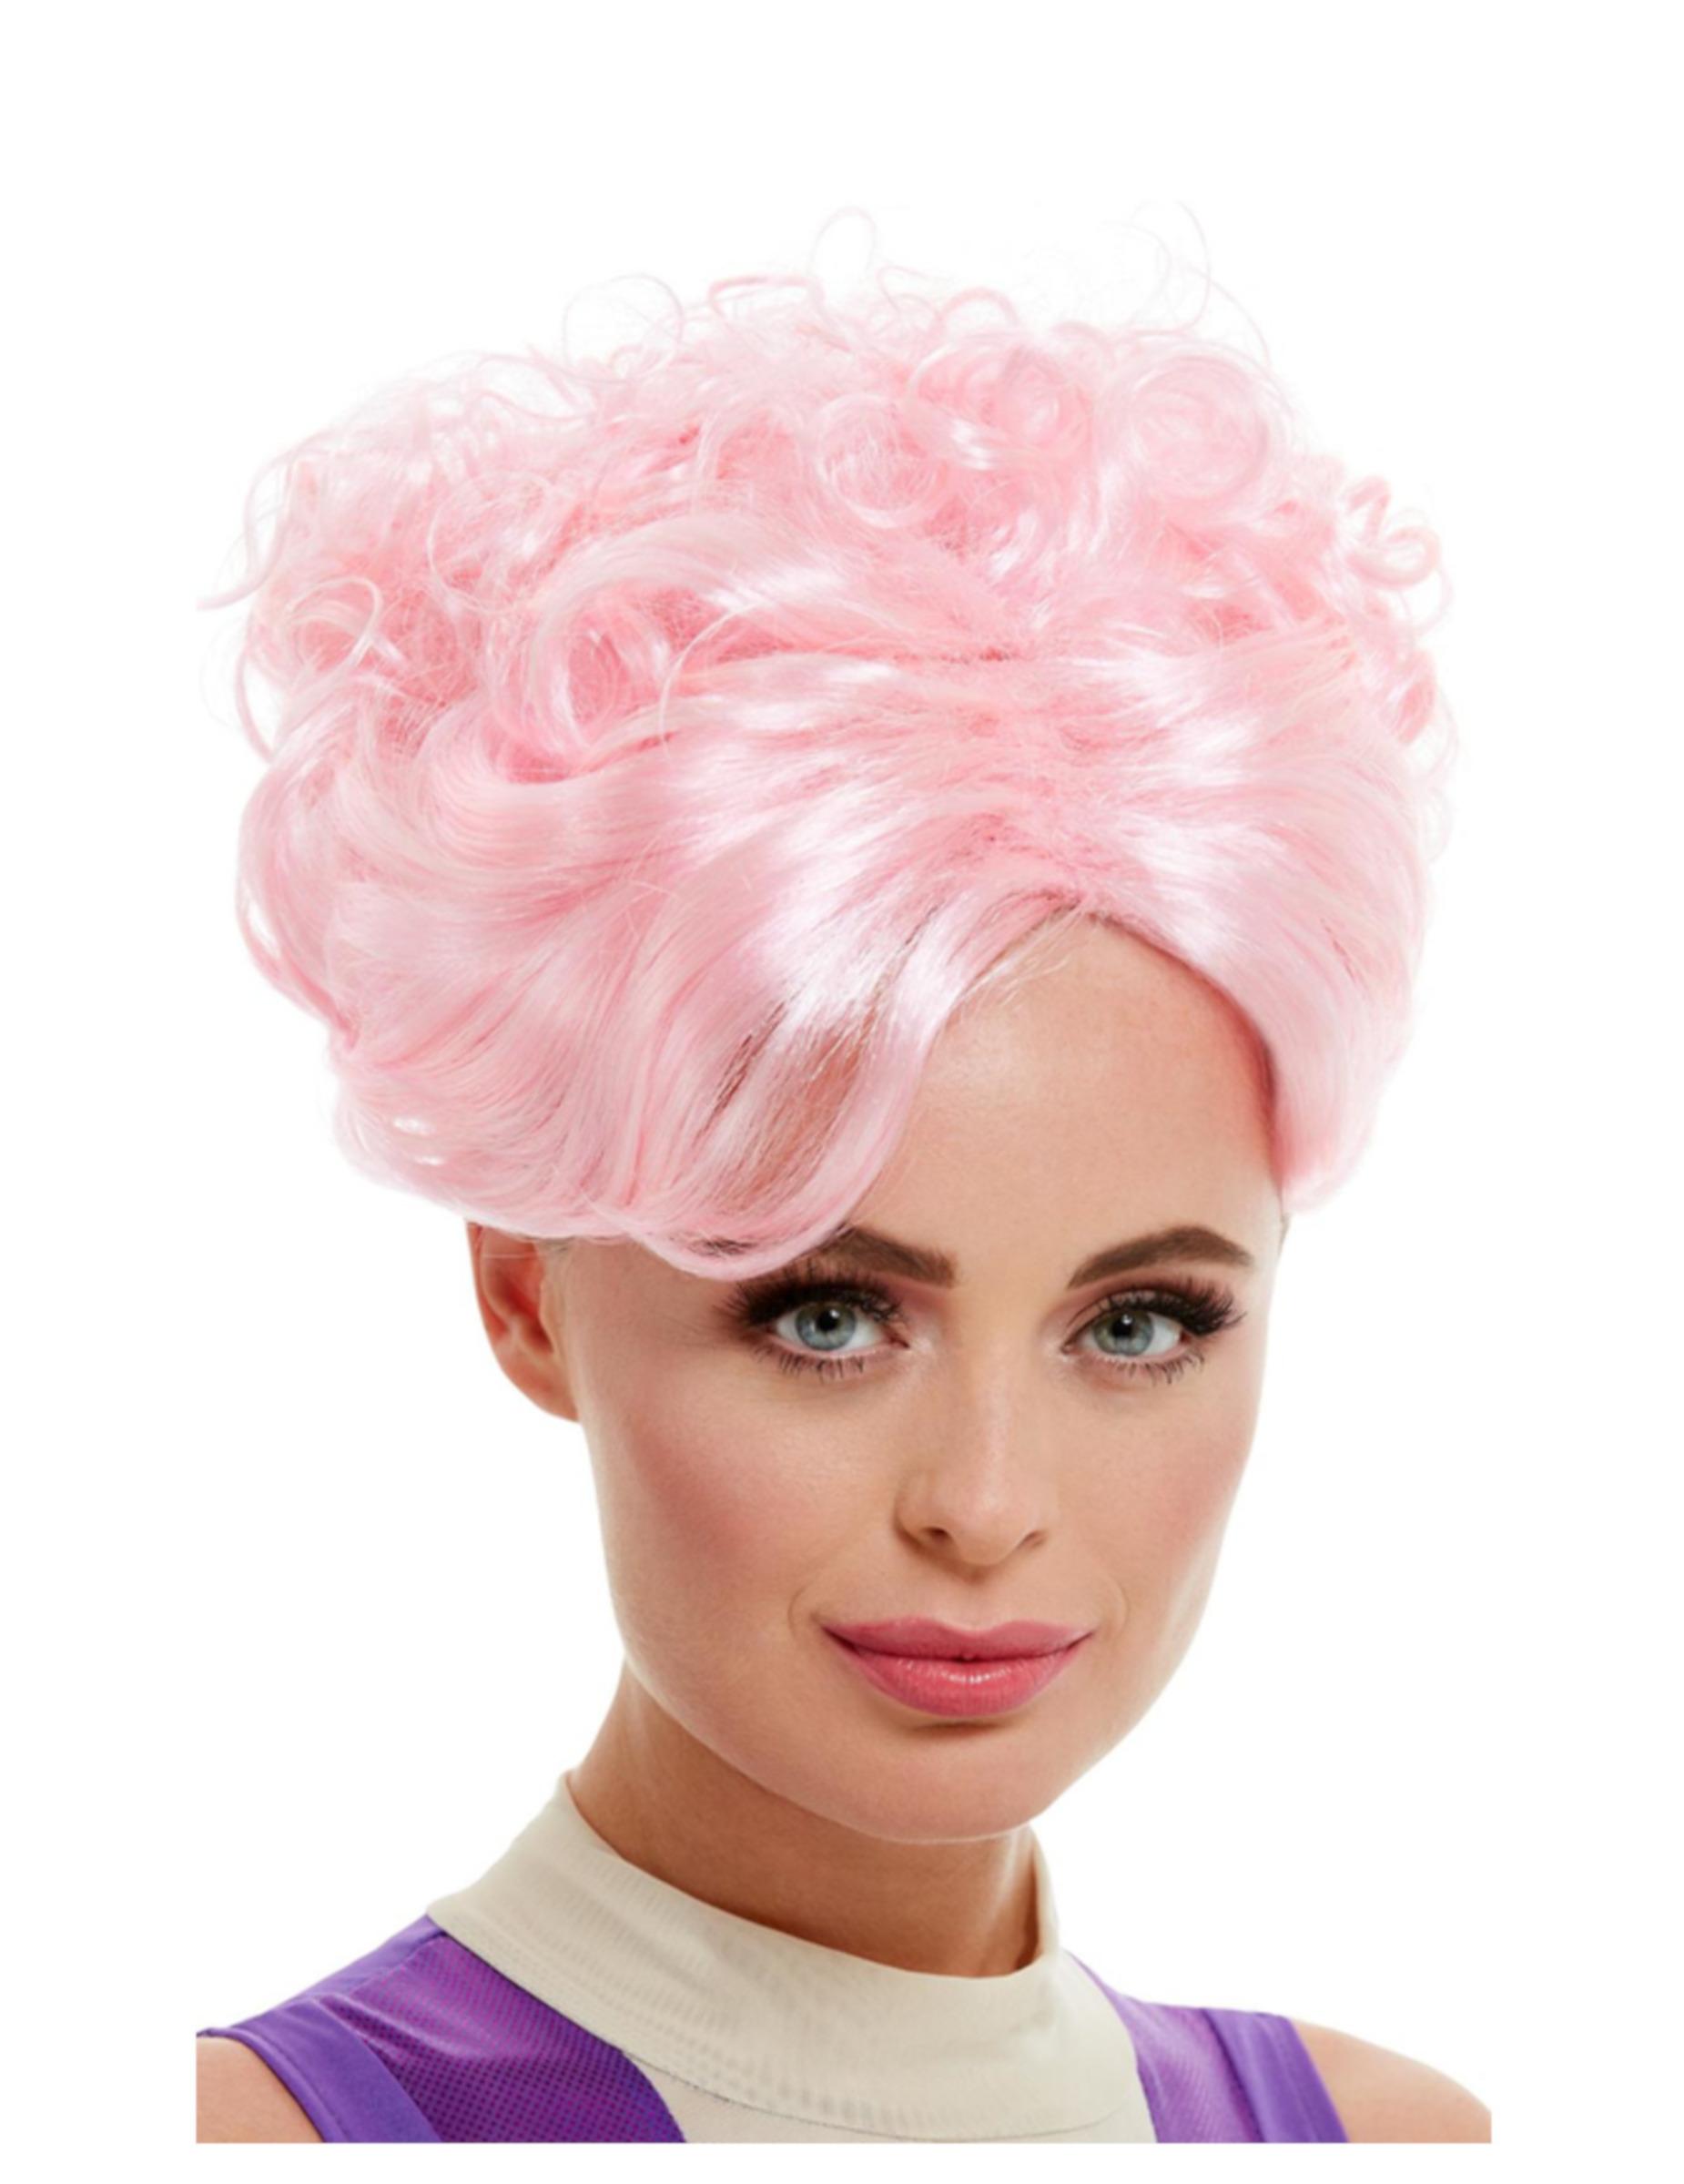 Futuristische-Hochsteckfrisur Damenperücke für die Zukunft rosa 301725